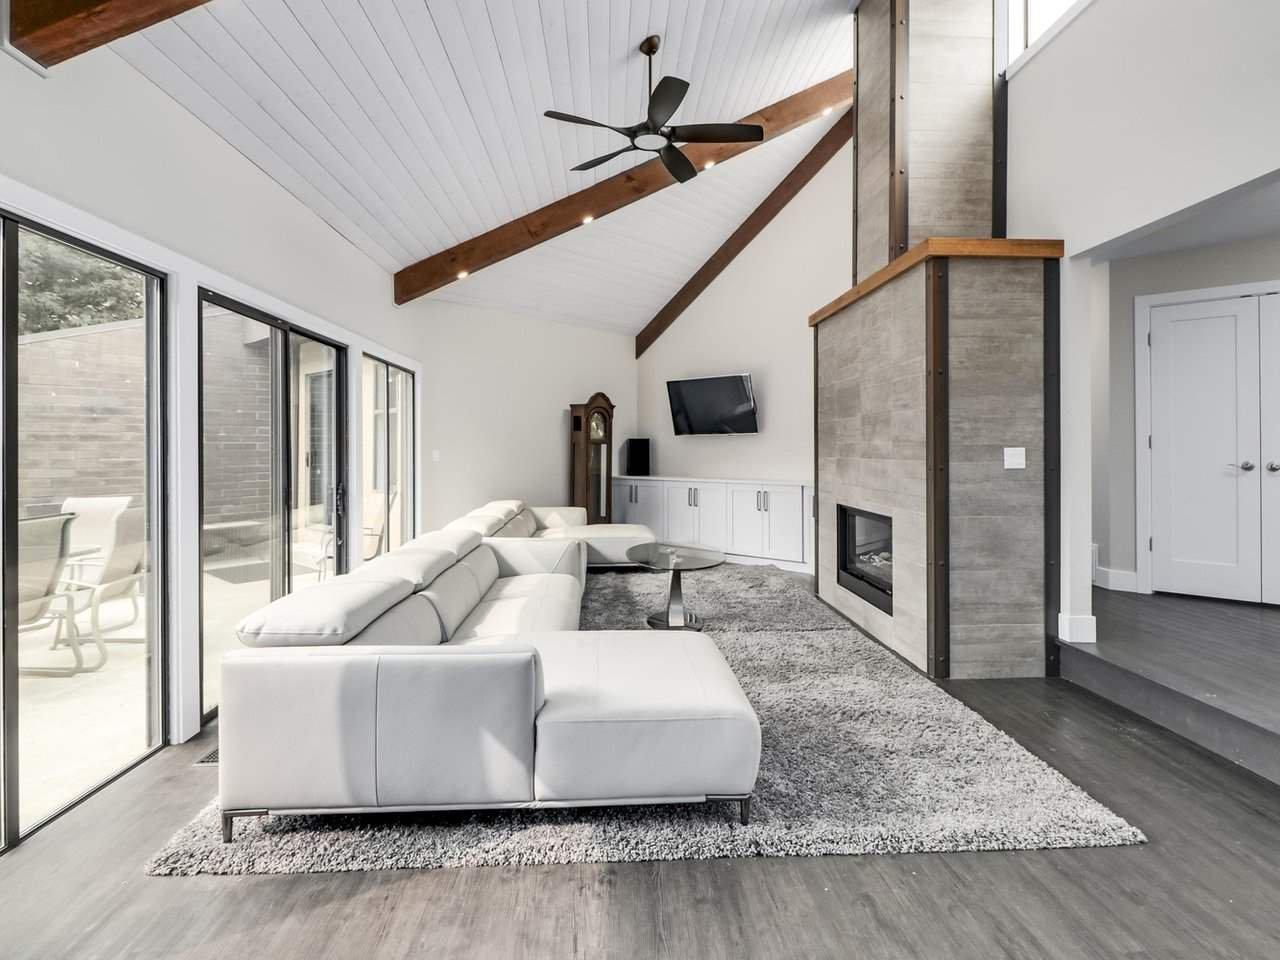 Main Photo: 281 CENTENNIAL Parkway in Delta: Boundary Beach House 1/2 Duplex for sale (Tsawwassen)  : MLS®# R2498112